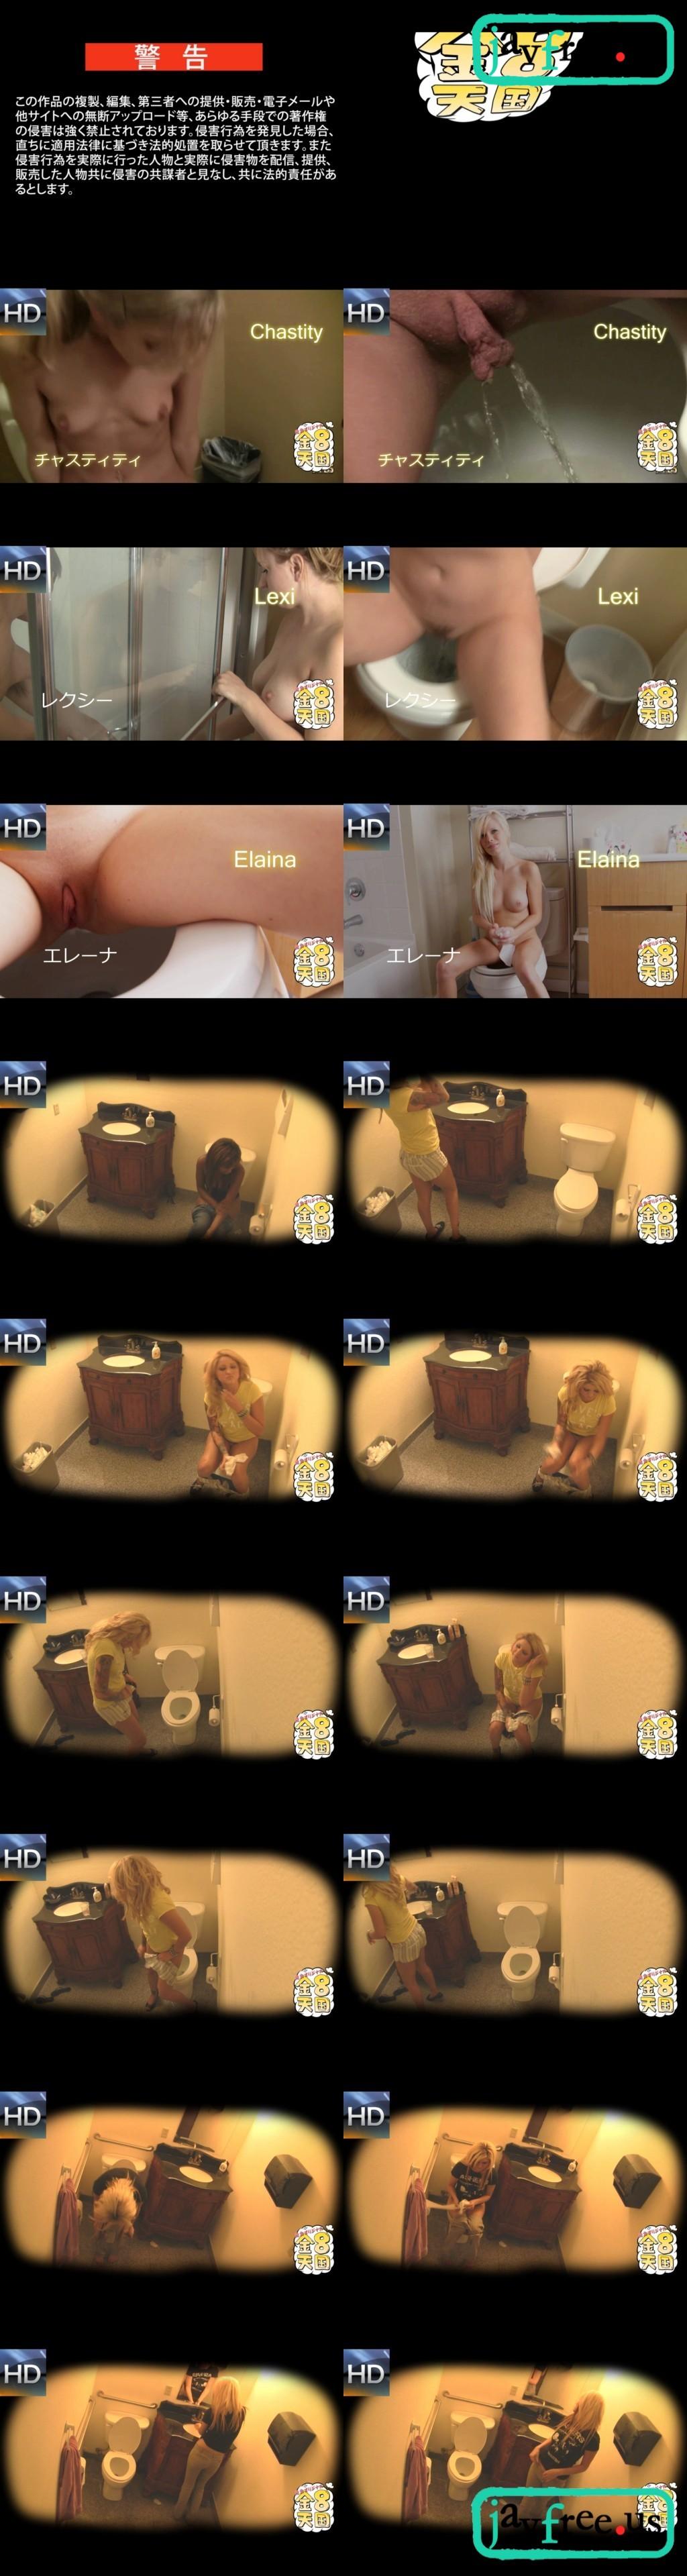 金髪天国562 あの人気女優の恥ずかしいショット!放尿が見れる!おしっこ大特集 / おしっこ特集 kin8tengoku